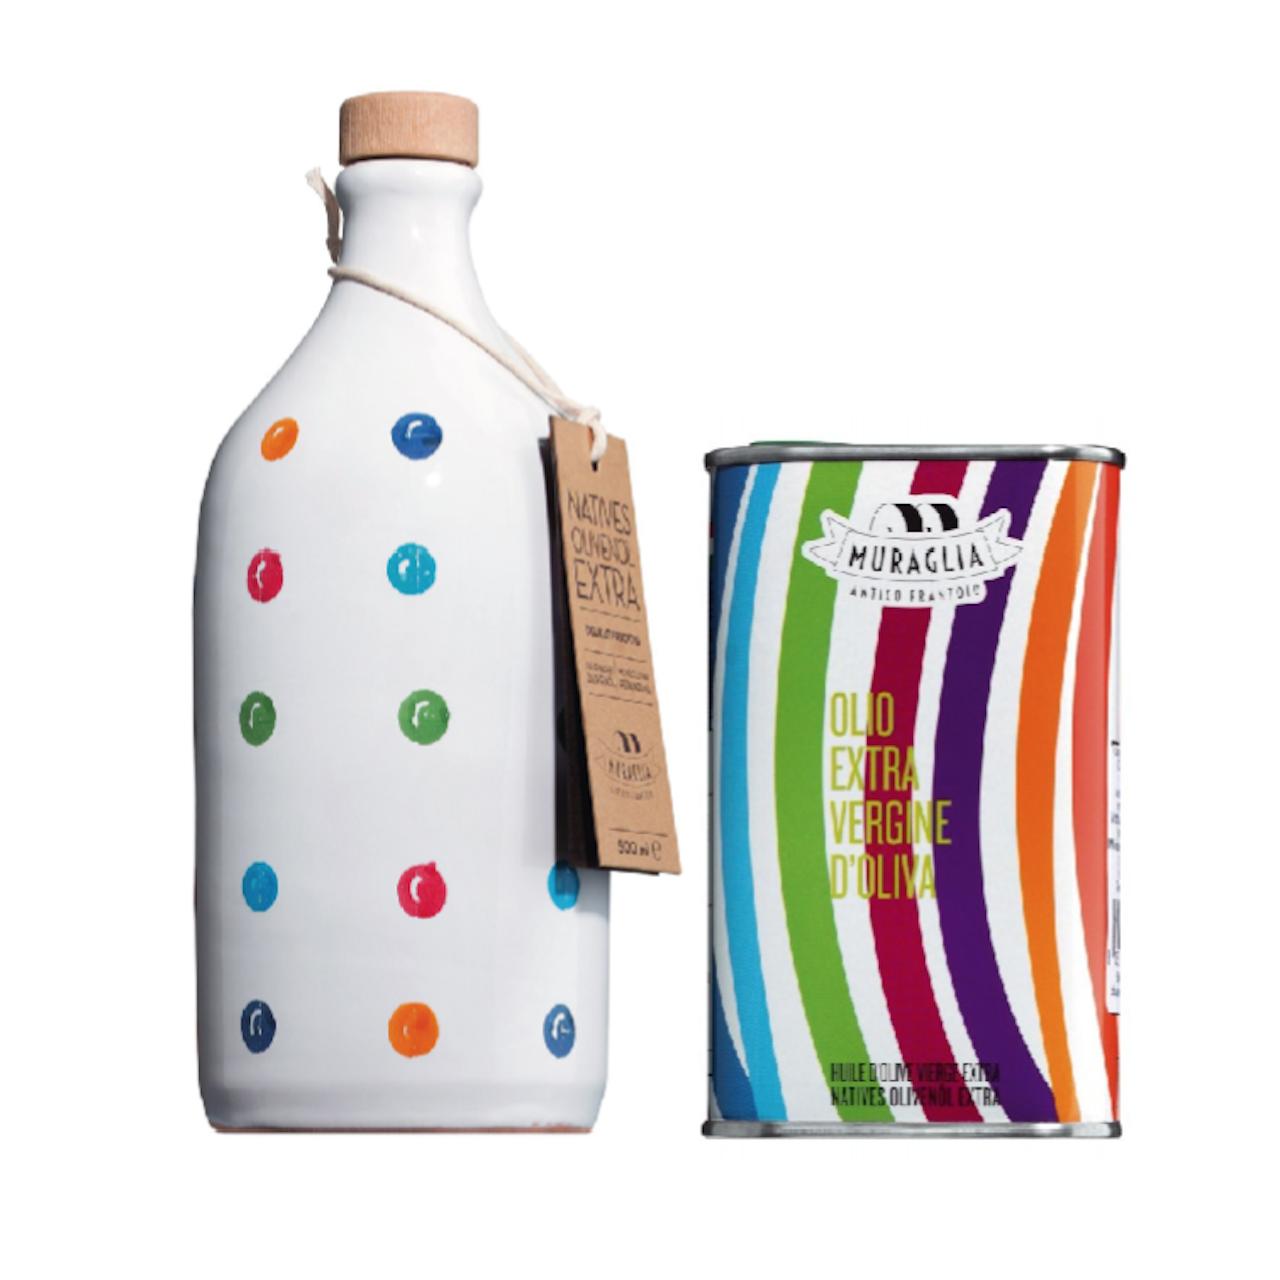 Kings Olivenöl in Tonflasche *gepunktet* mit Nachfüllkanister